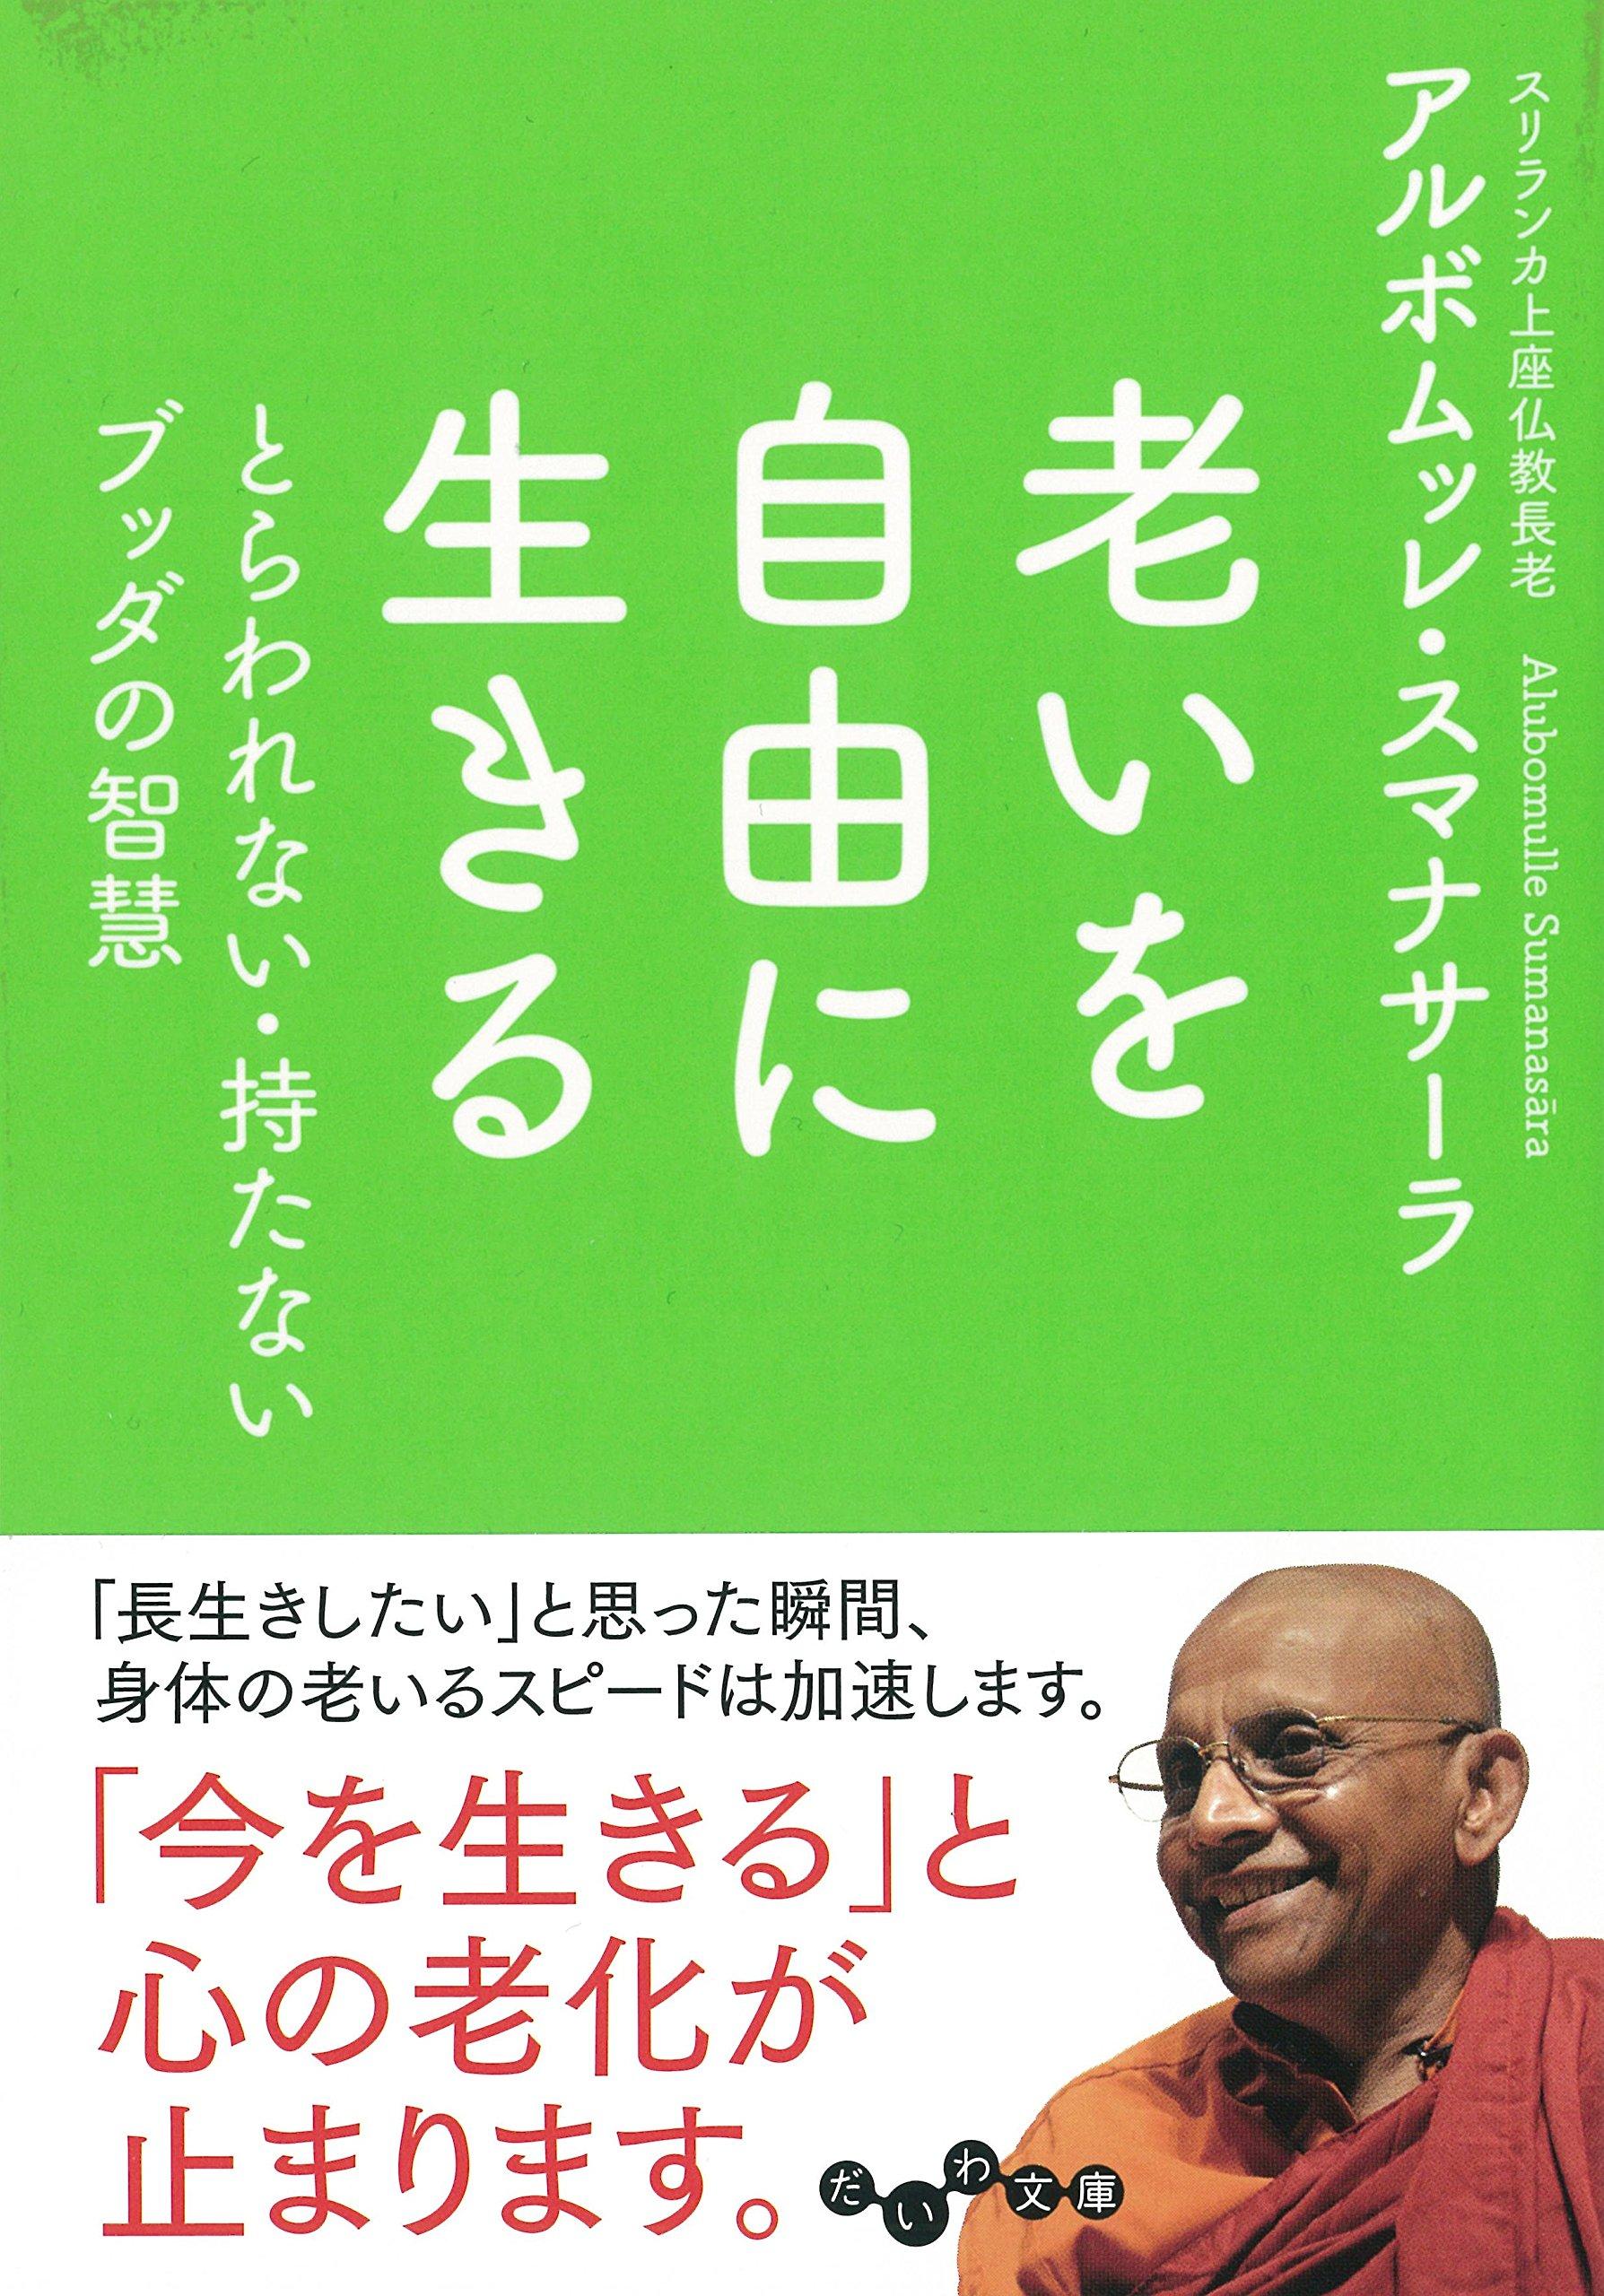 Oi o jiyu ni ikiru : Torawarenai motanai budda no chie. pdf epub